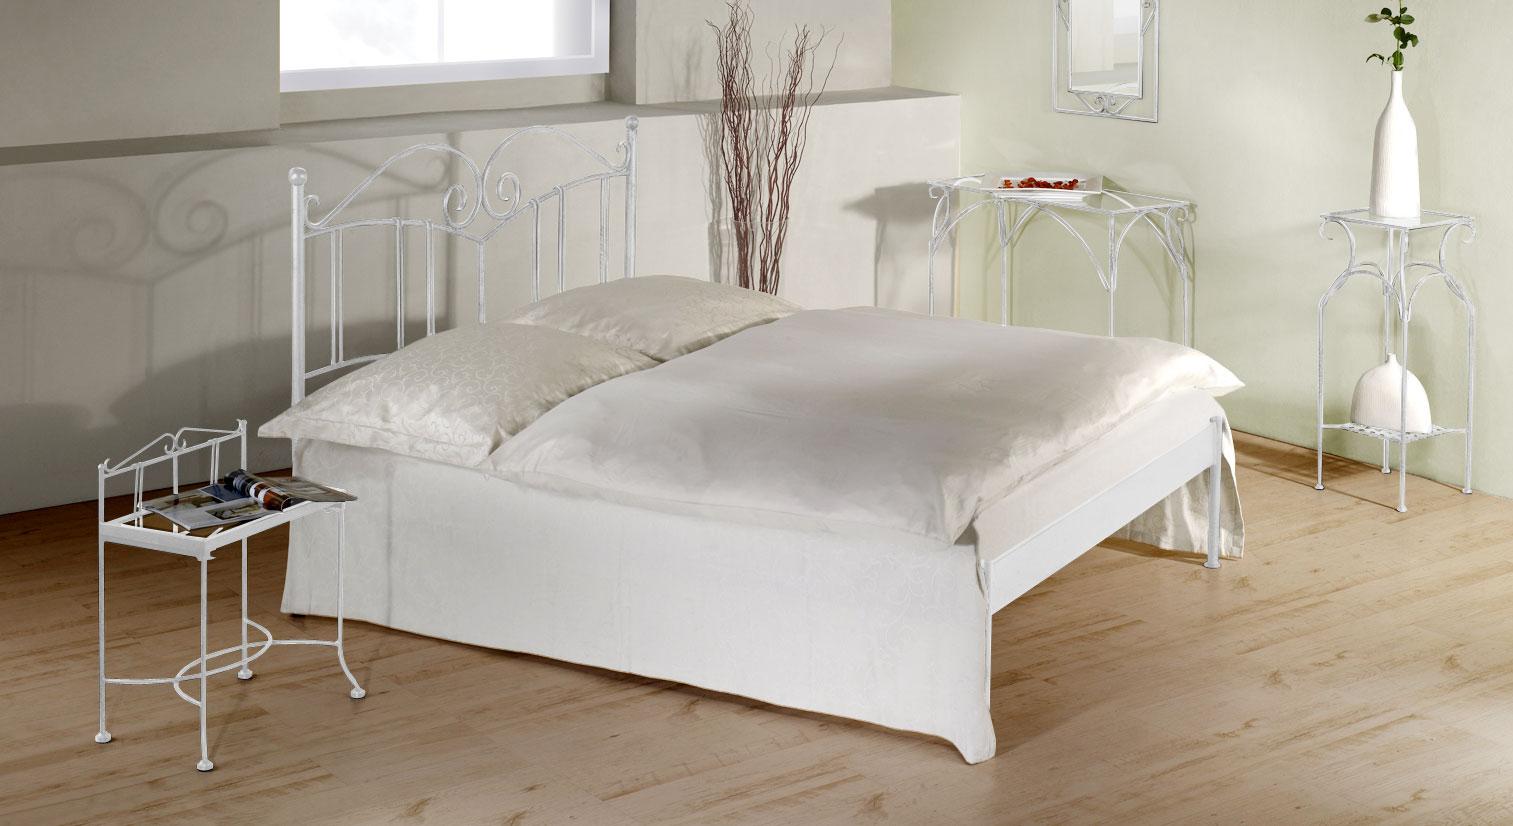 Bett Vella aus silber-gewischtem Eisen in Weiß ohne Fußteil